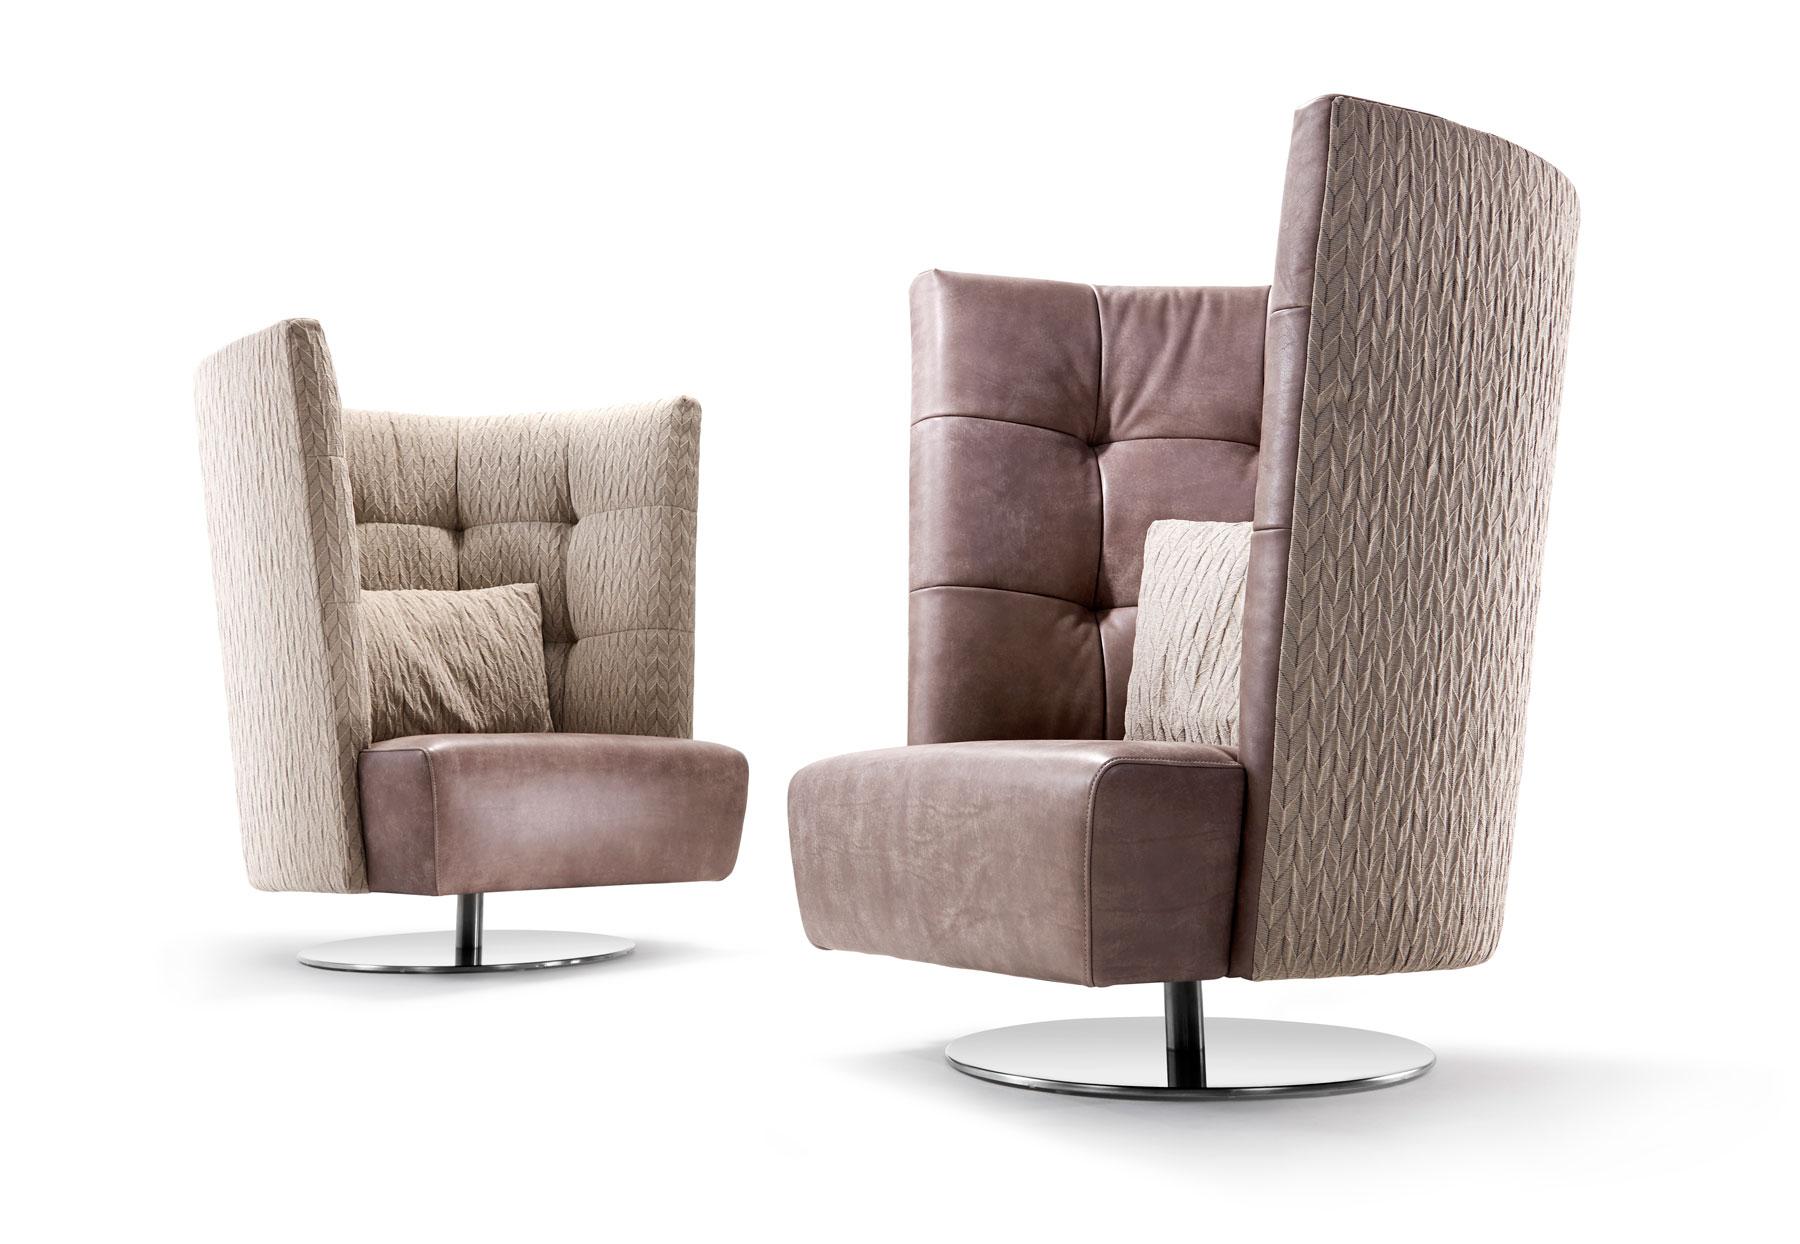 signet matheo sessel matheo schenkt ihnen geborgenheit und ruhe. Black Bedroom Furniture Sets. Home Design Ideas